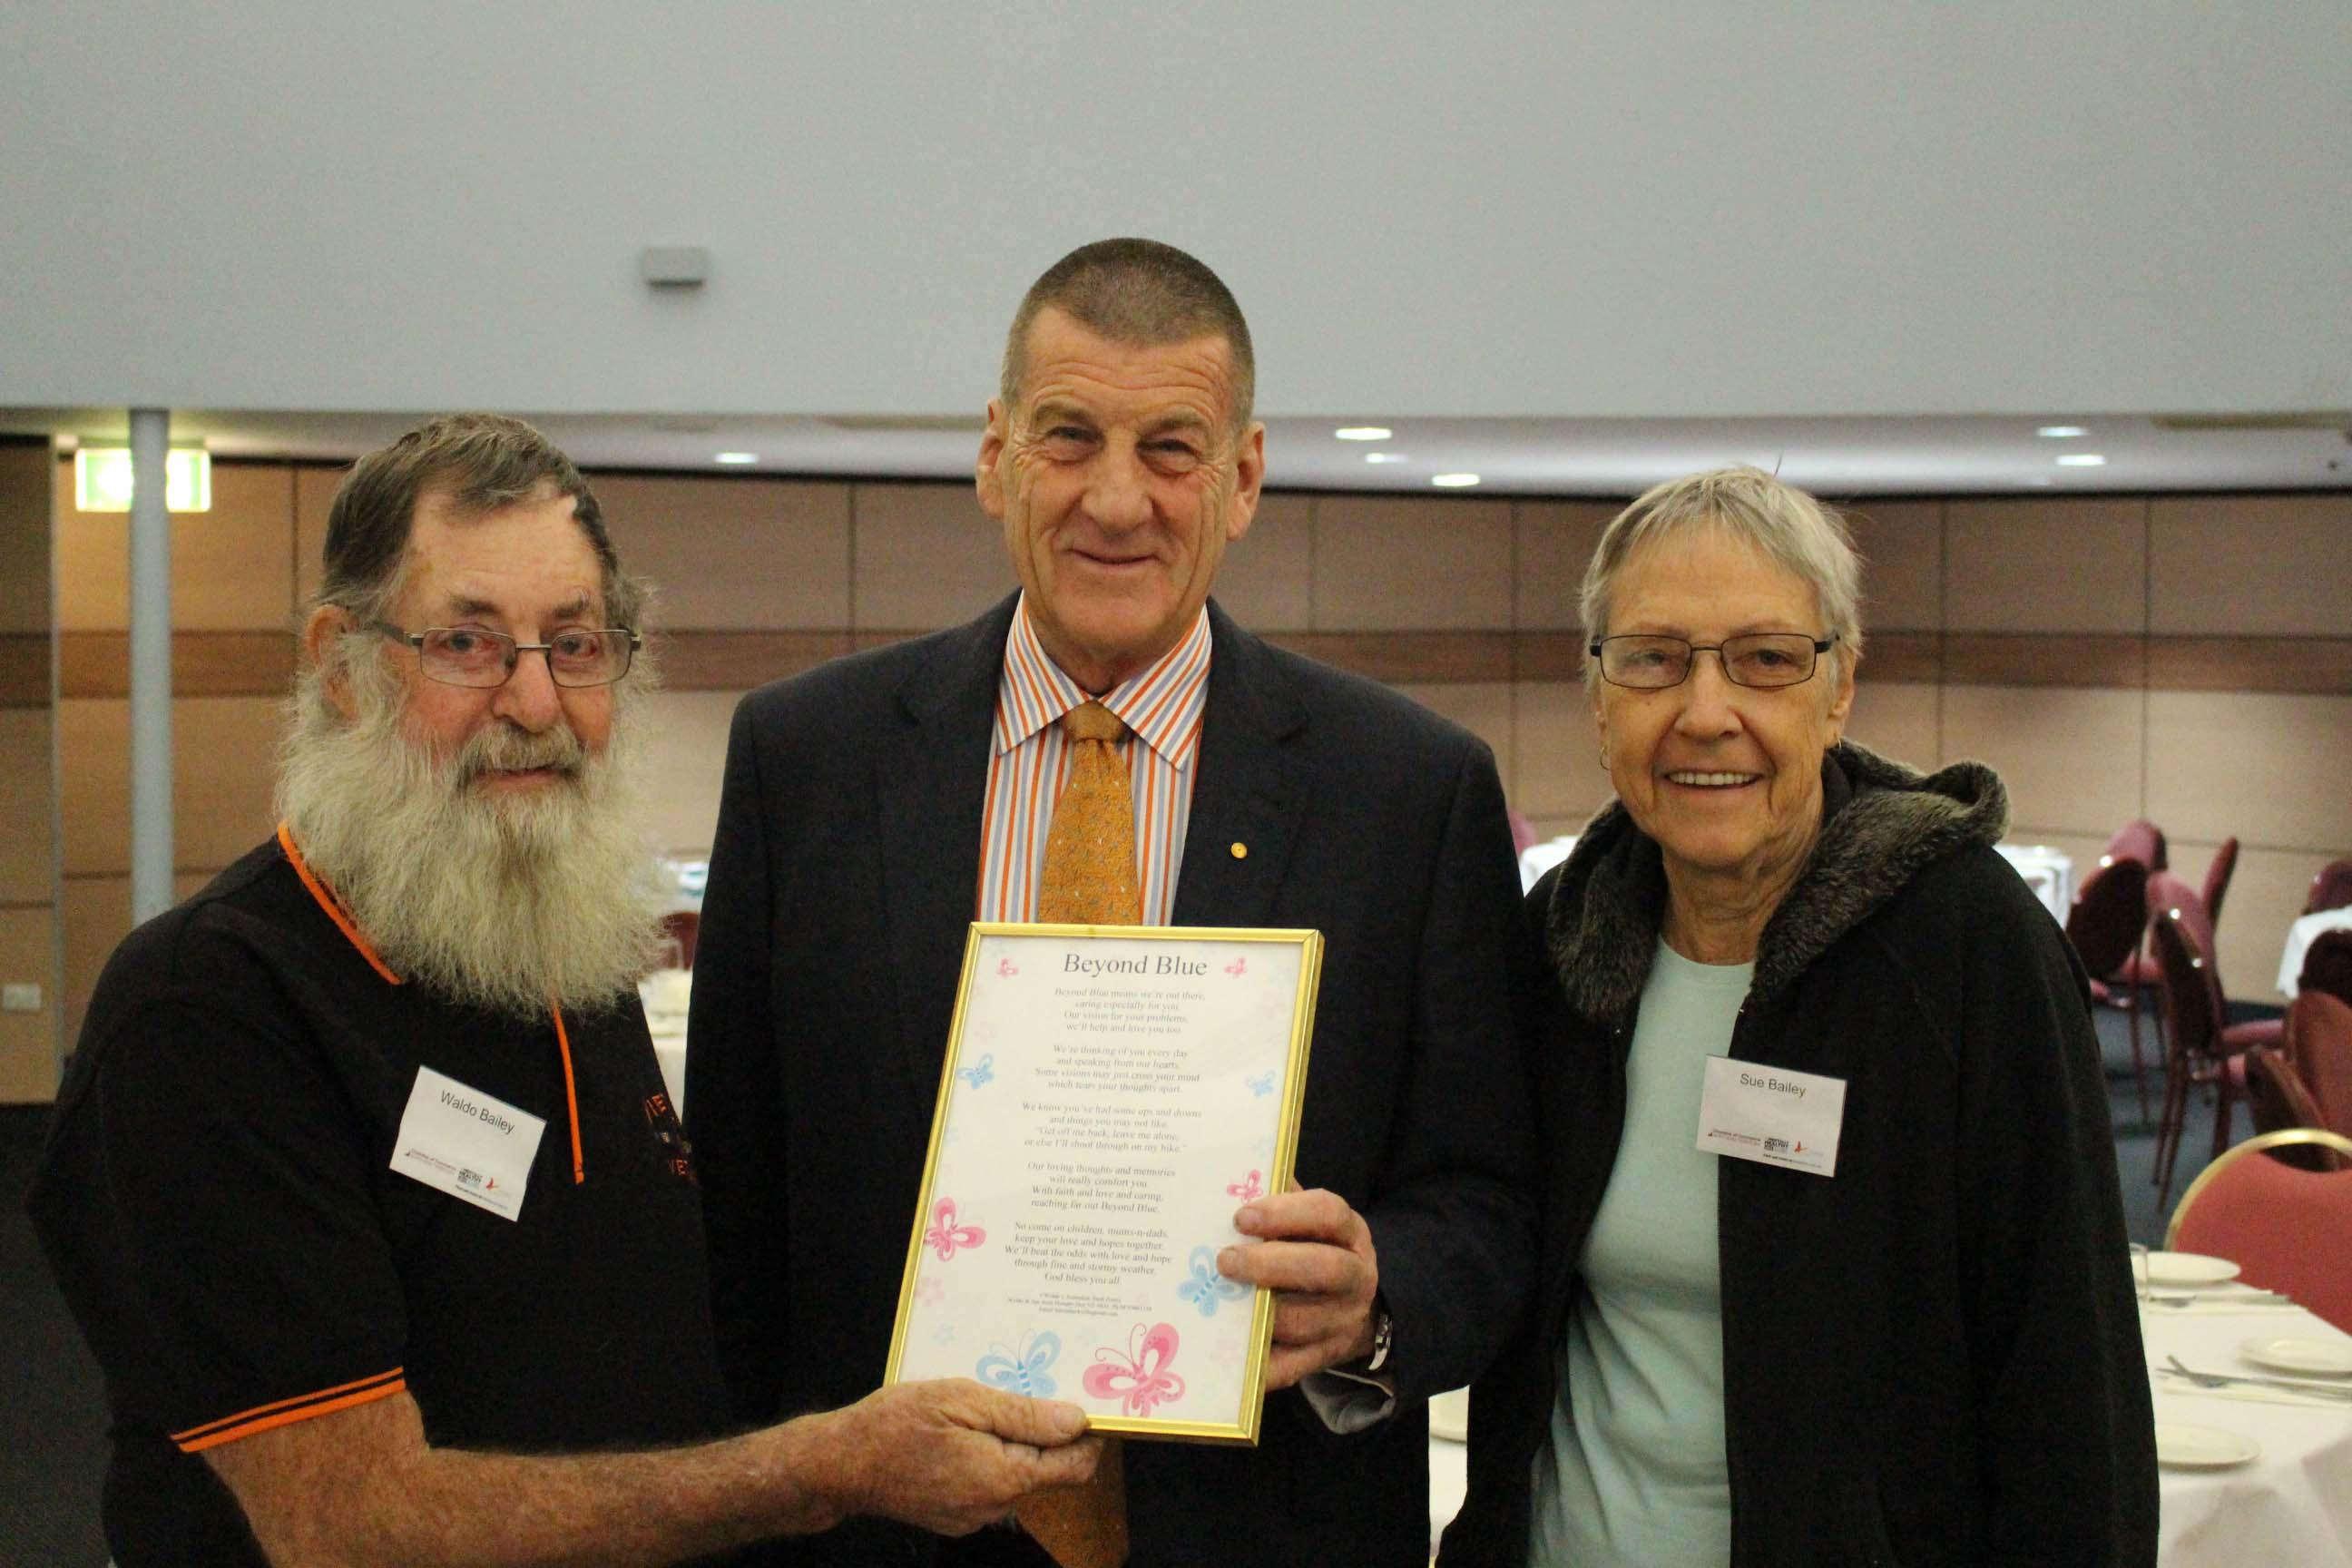 Chairman Jeff Kennett met Beyond Blue supporters in Darwin.